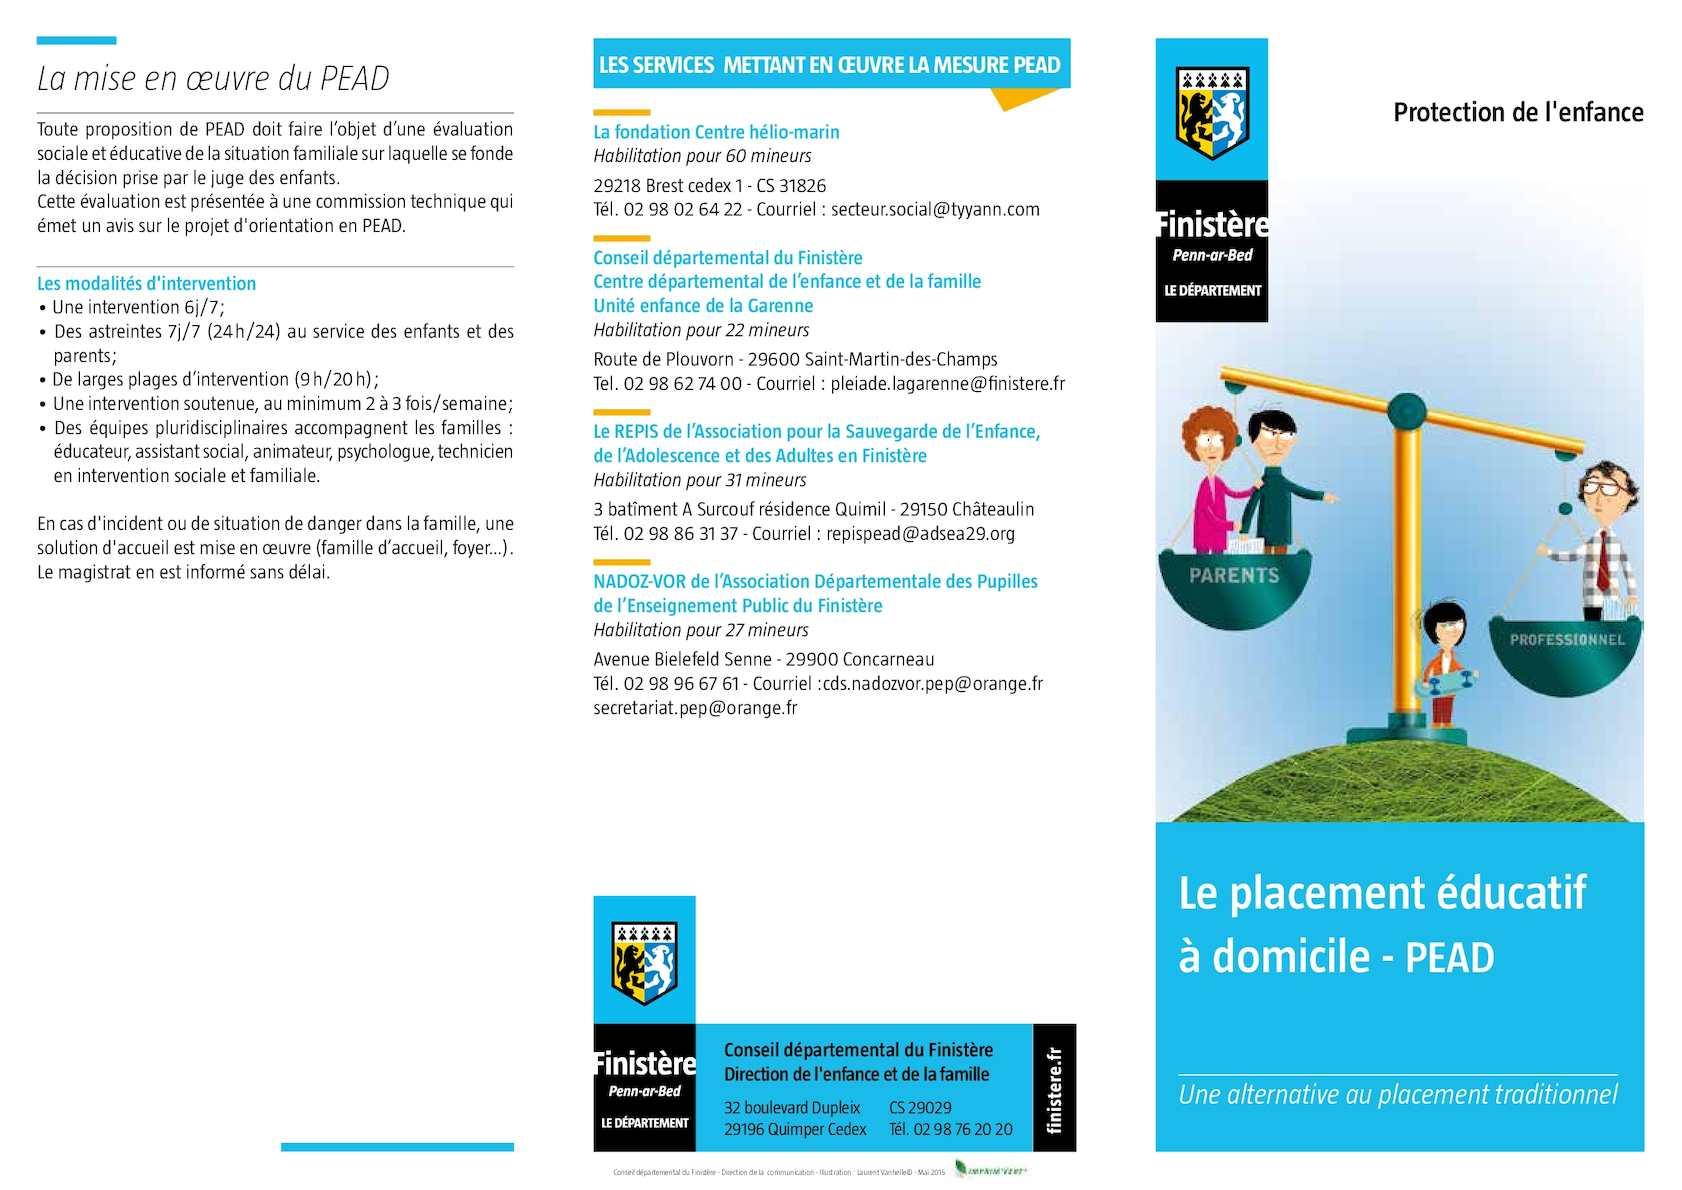 Calaméo - Le placement éducatif à domicile - PEAD